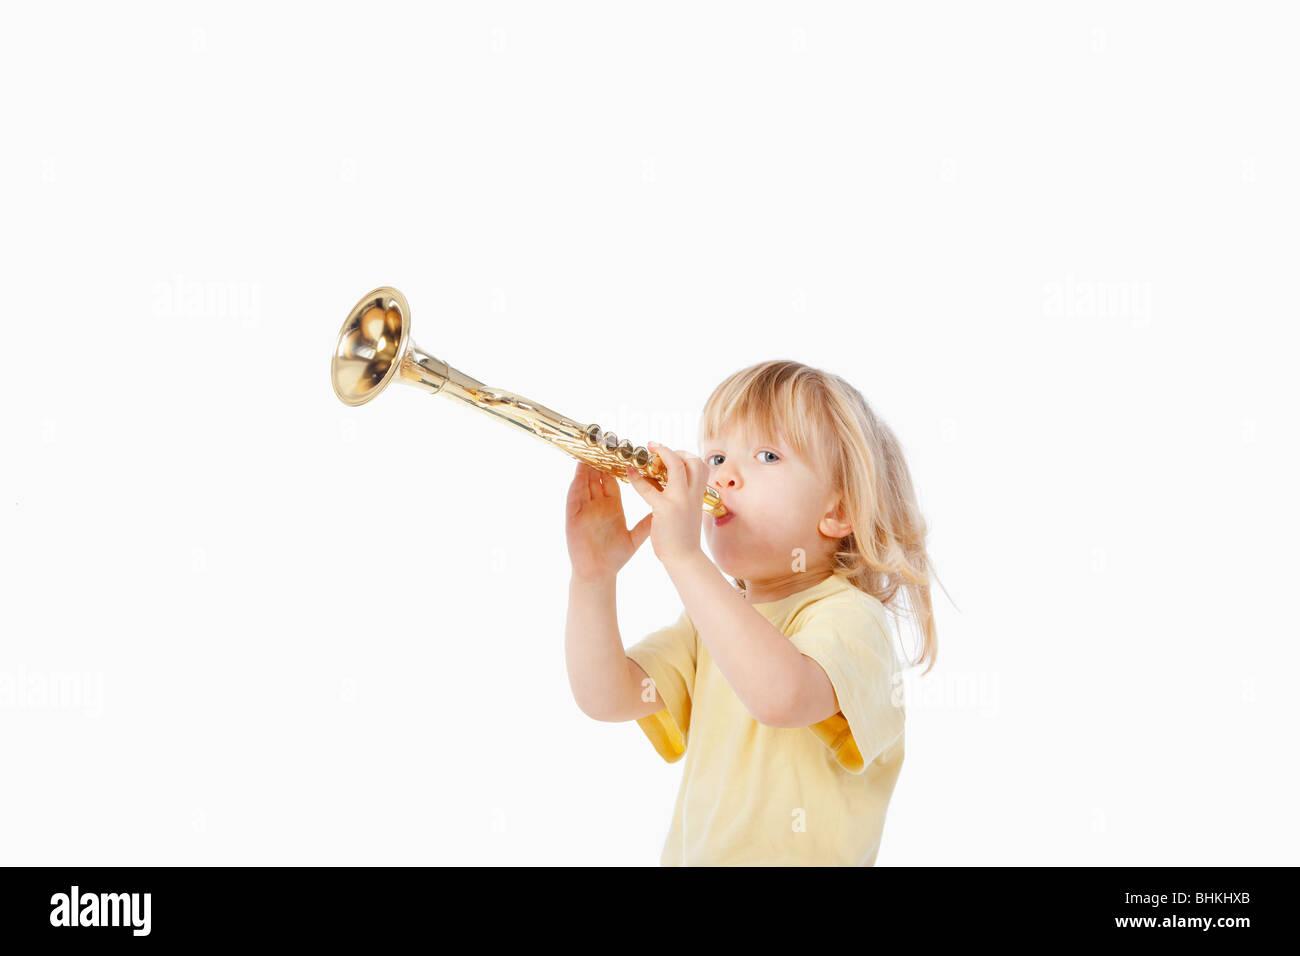 Junge mit langen blonden Haaren mit Spielzeug Trompete spielen Stockfoto